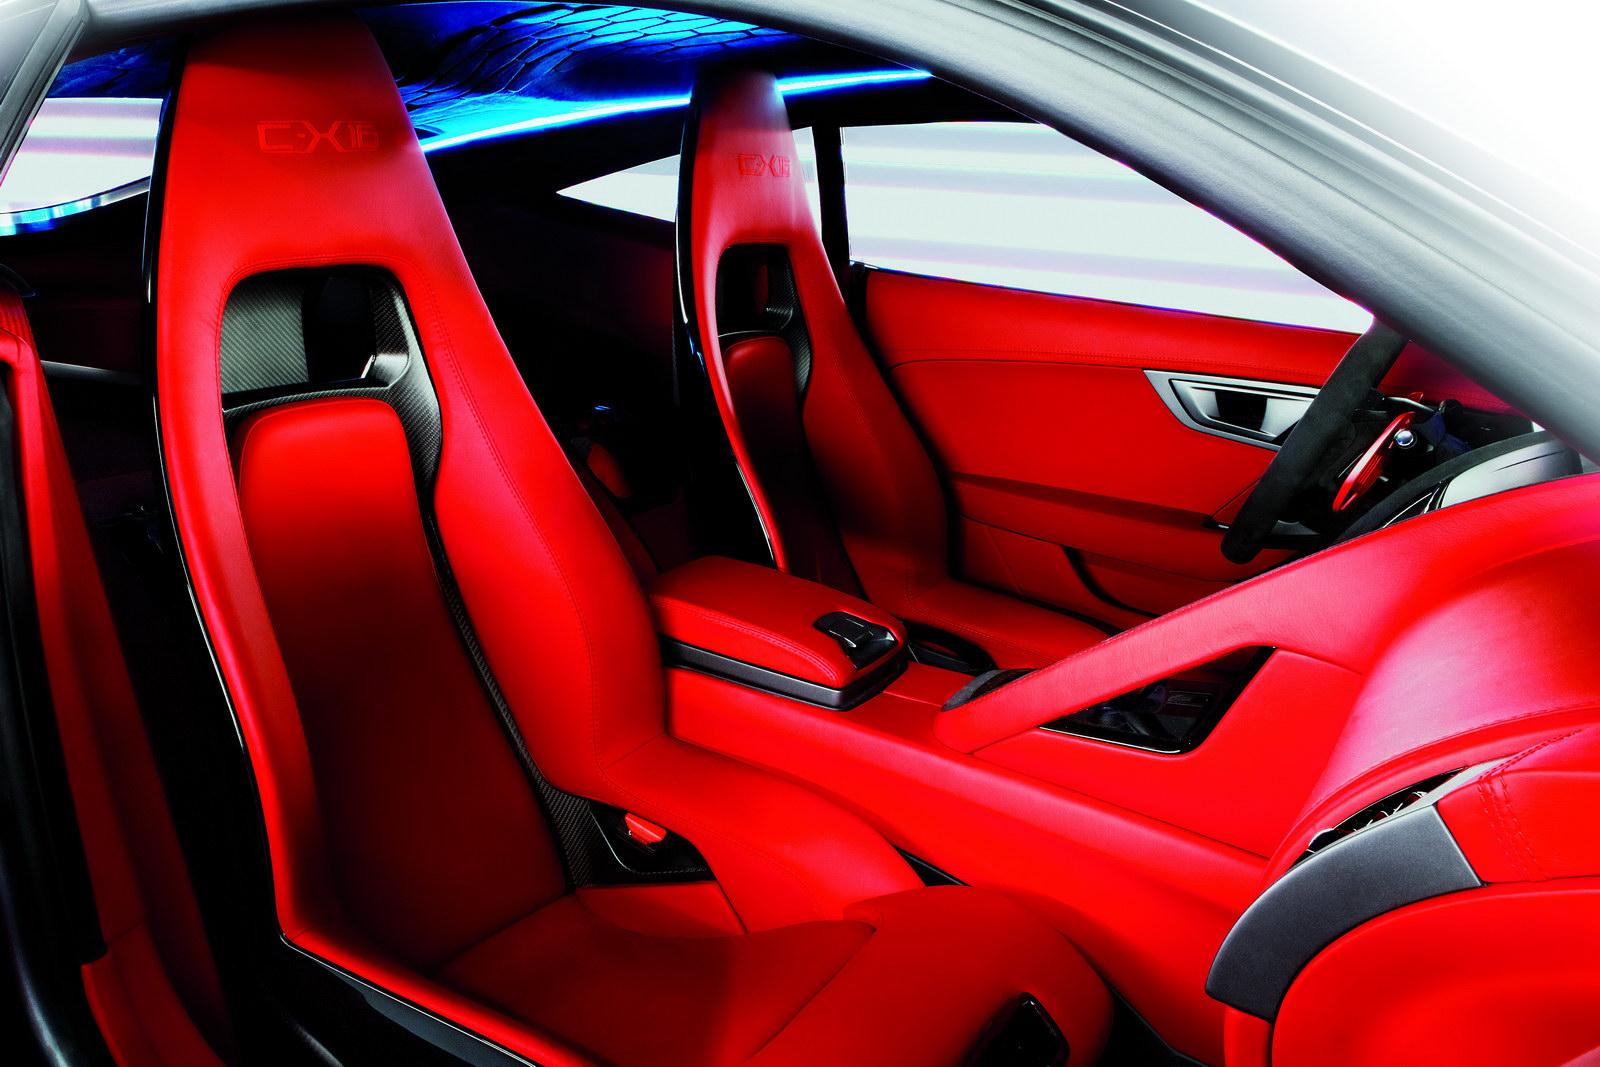 http://2.bp.blogspot.com/-AcRz59SdDNs/TmzQ3klFShI/AAAAAAAAEUE/eFCvoWfmaFA/s1600/Jaguar-C-X16+%25286%2529.jpg